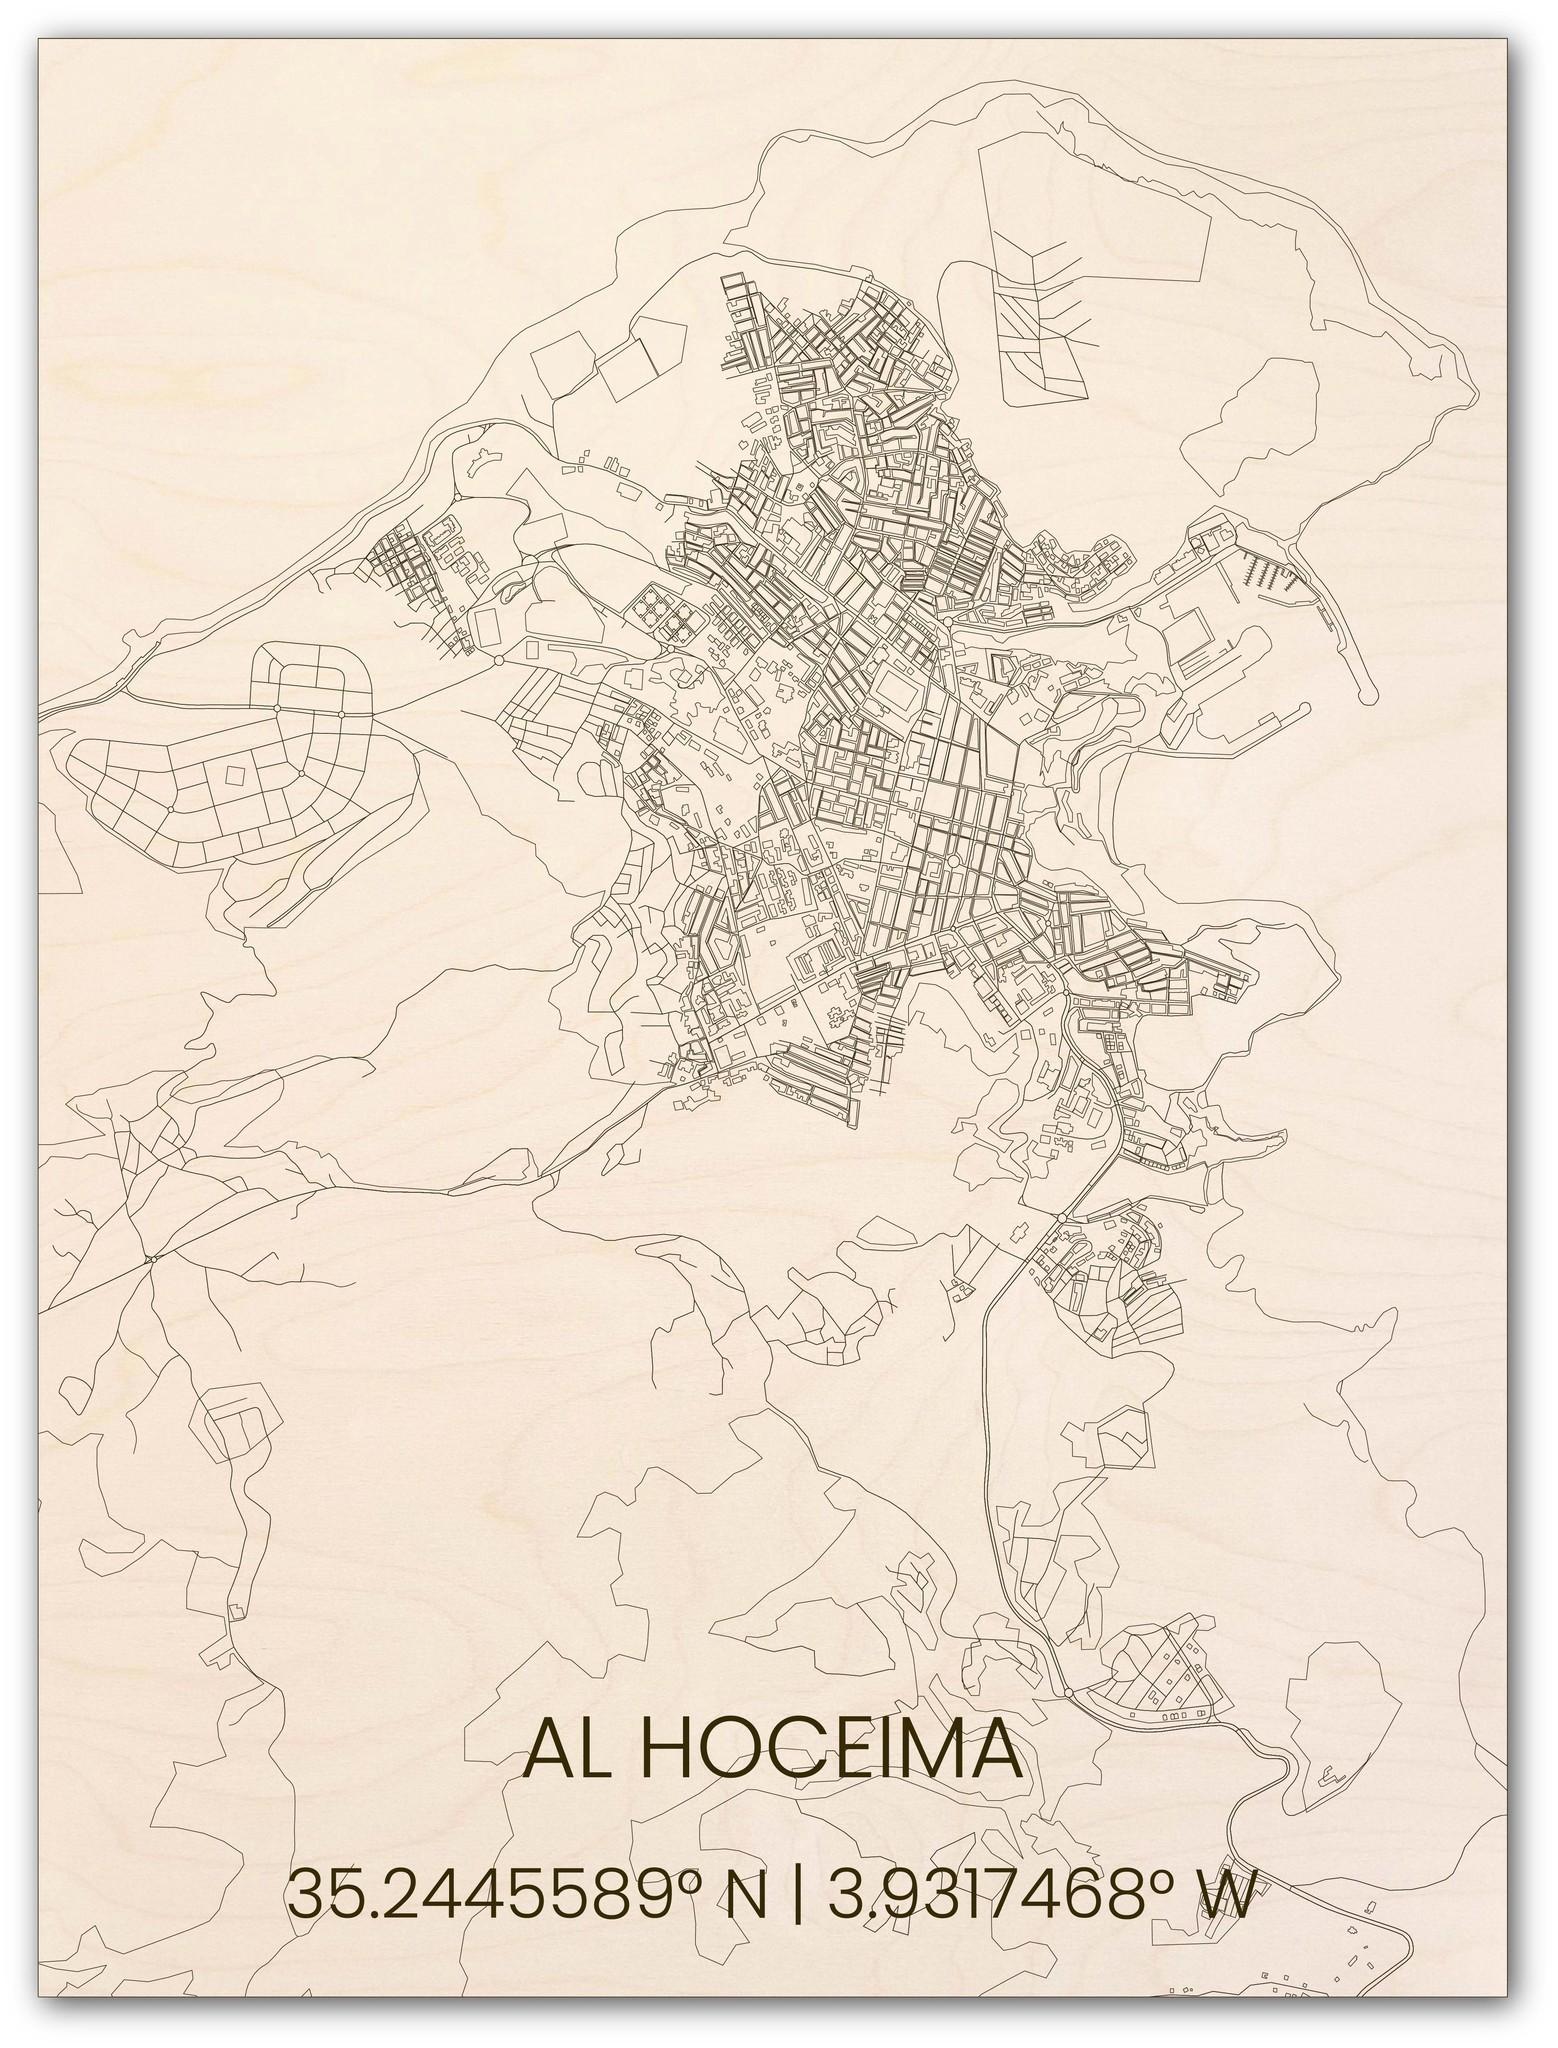 Houten stadsplattegrond Al Hoceima-1